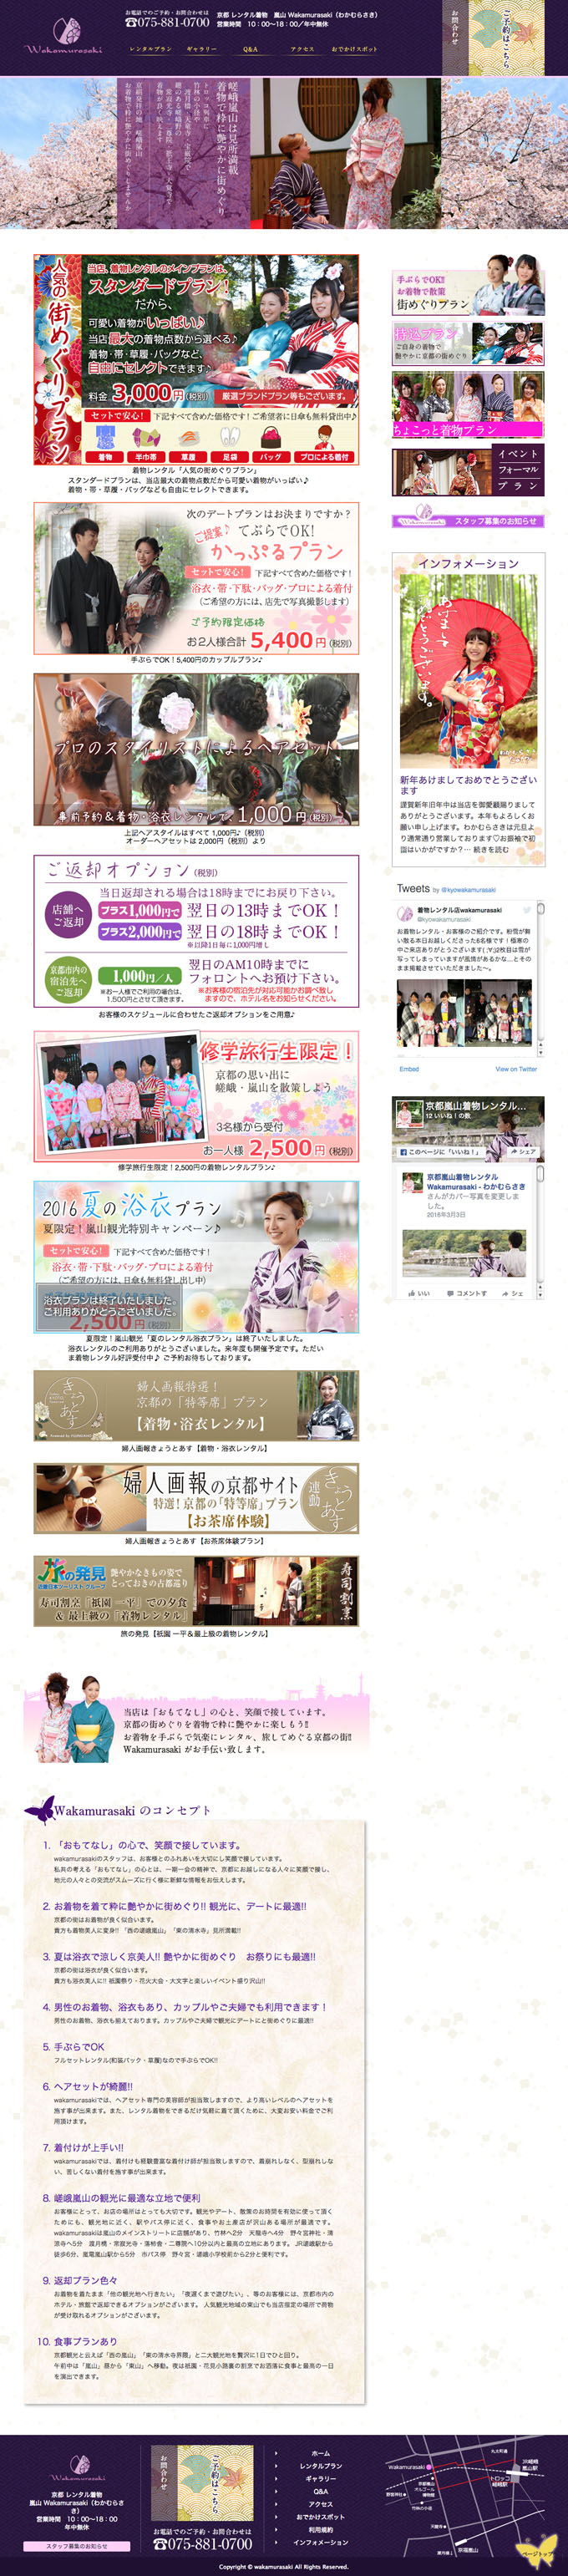 嵐山 Wakamurasaki様のホームページ